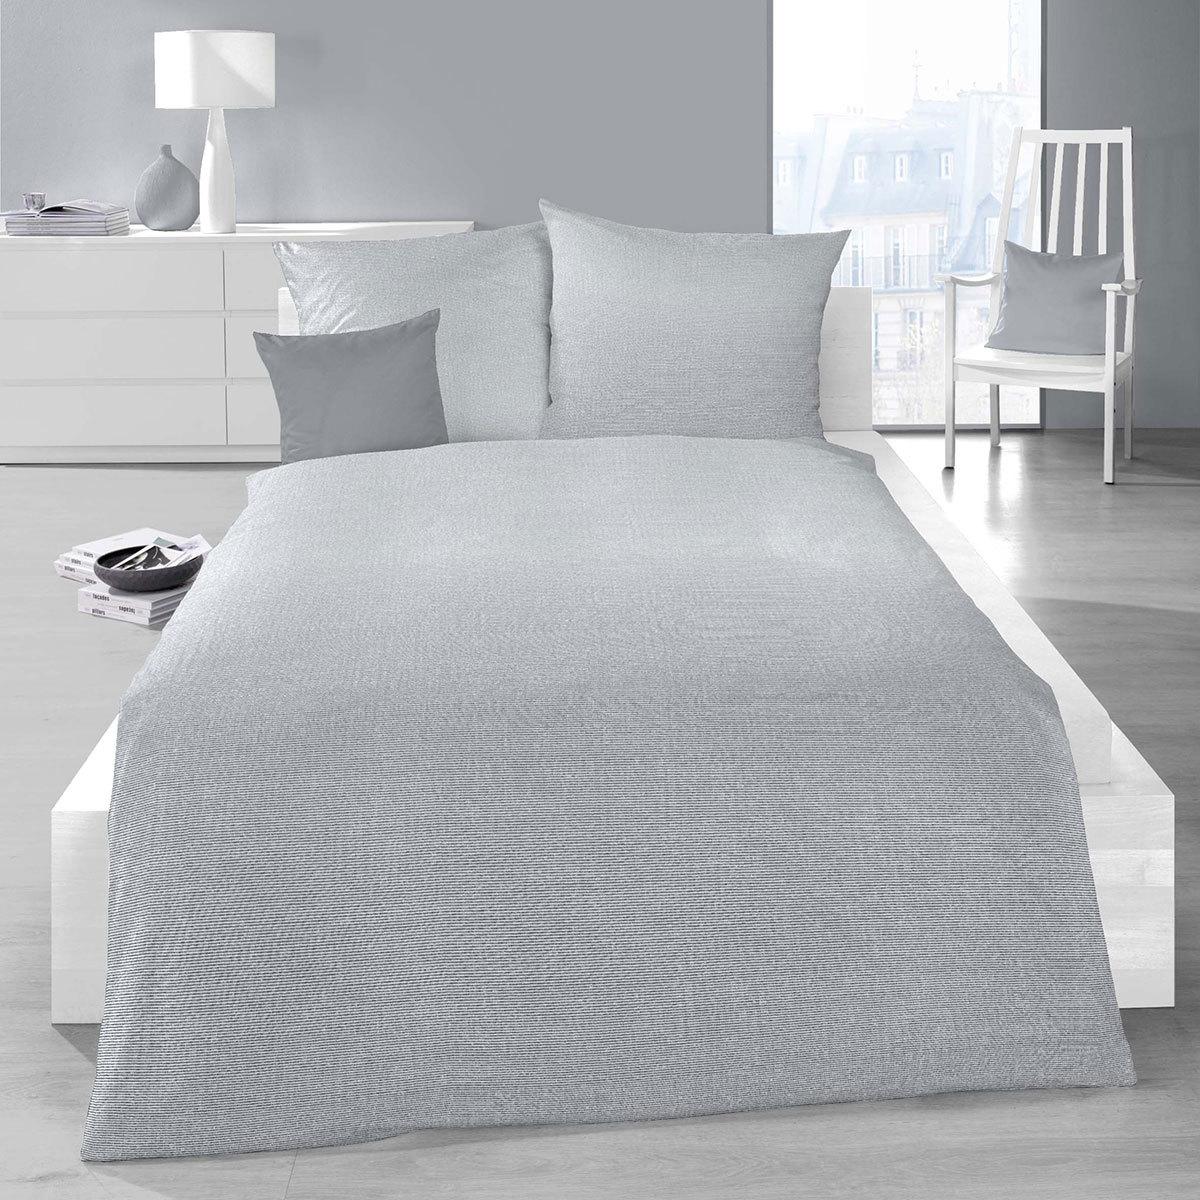 formentera preisvergleich die besten angebote online kaufen. Black Bedroom Furniture Sets. Home Design Ideas